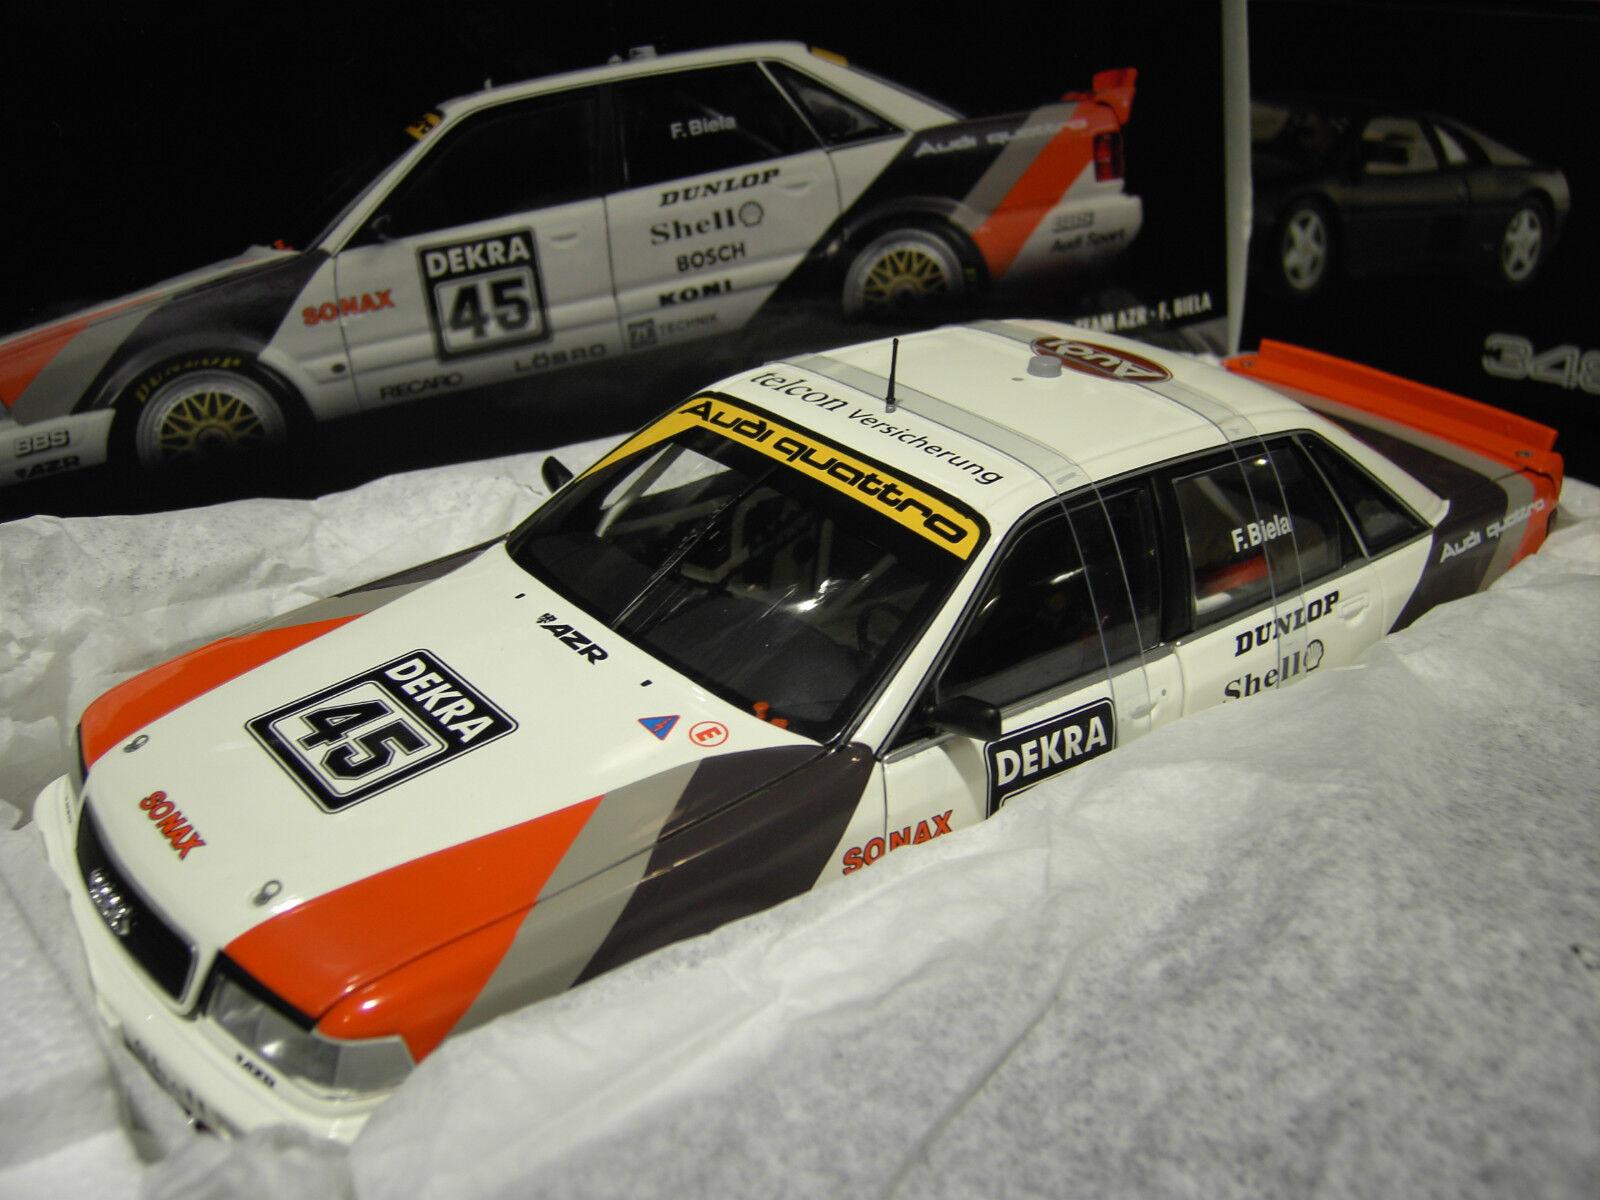 AUDI V8 QUATTRO   DTM 1991   45 au 1 18 de MINICHAMPS 100911045 voiture miniature  pas cher